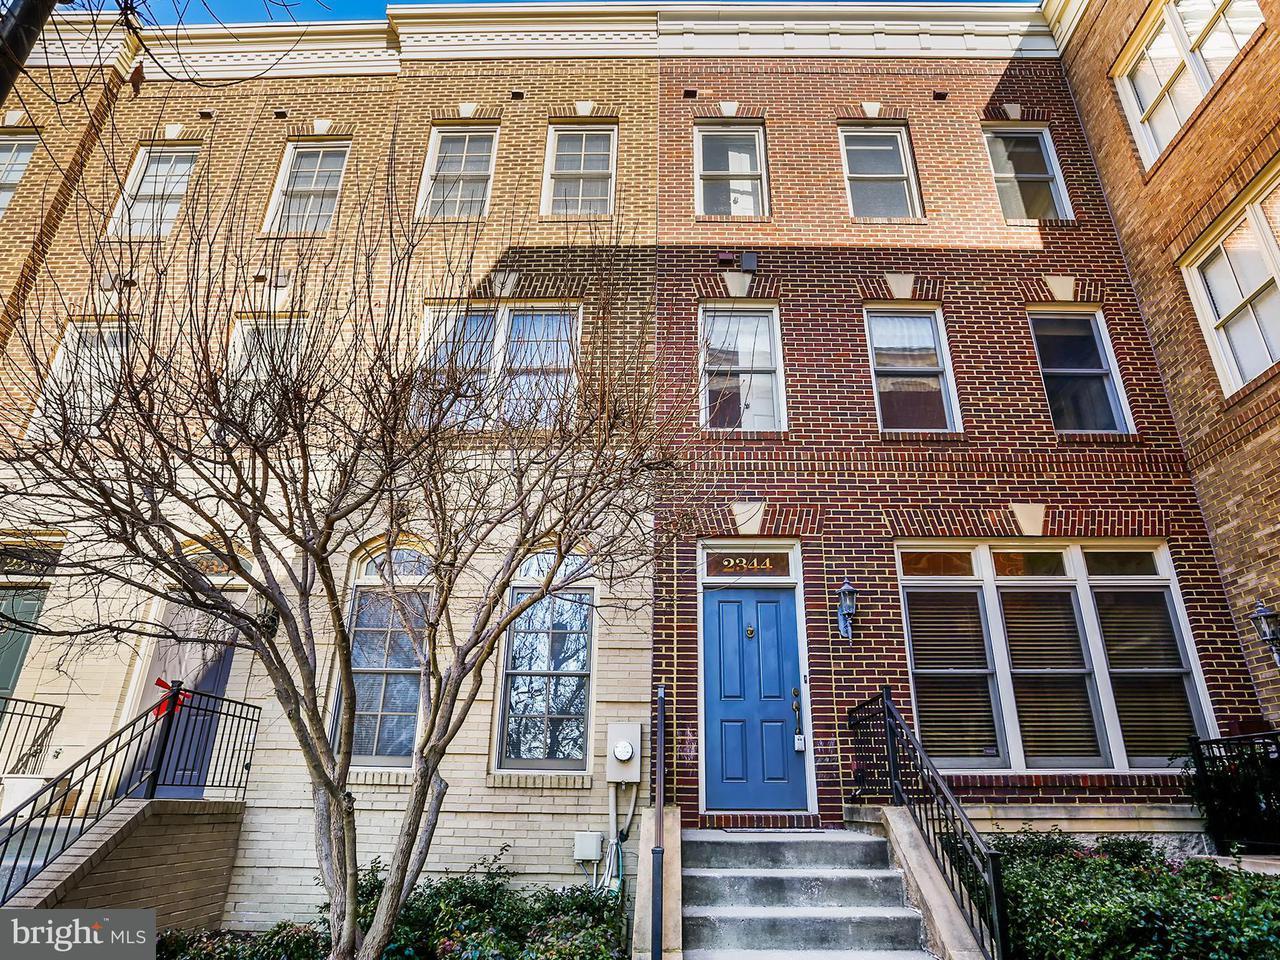 Casa unifamiliar adosada (Townhouse) por un Venta en 2344 Cobble Hill Ter 2344 Cobble Hill Ter Wheaton, Maryland 20902 Estados Unidos